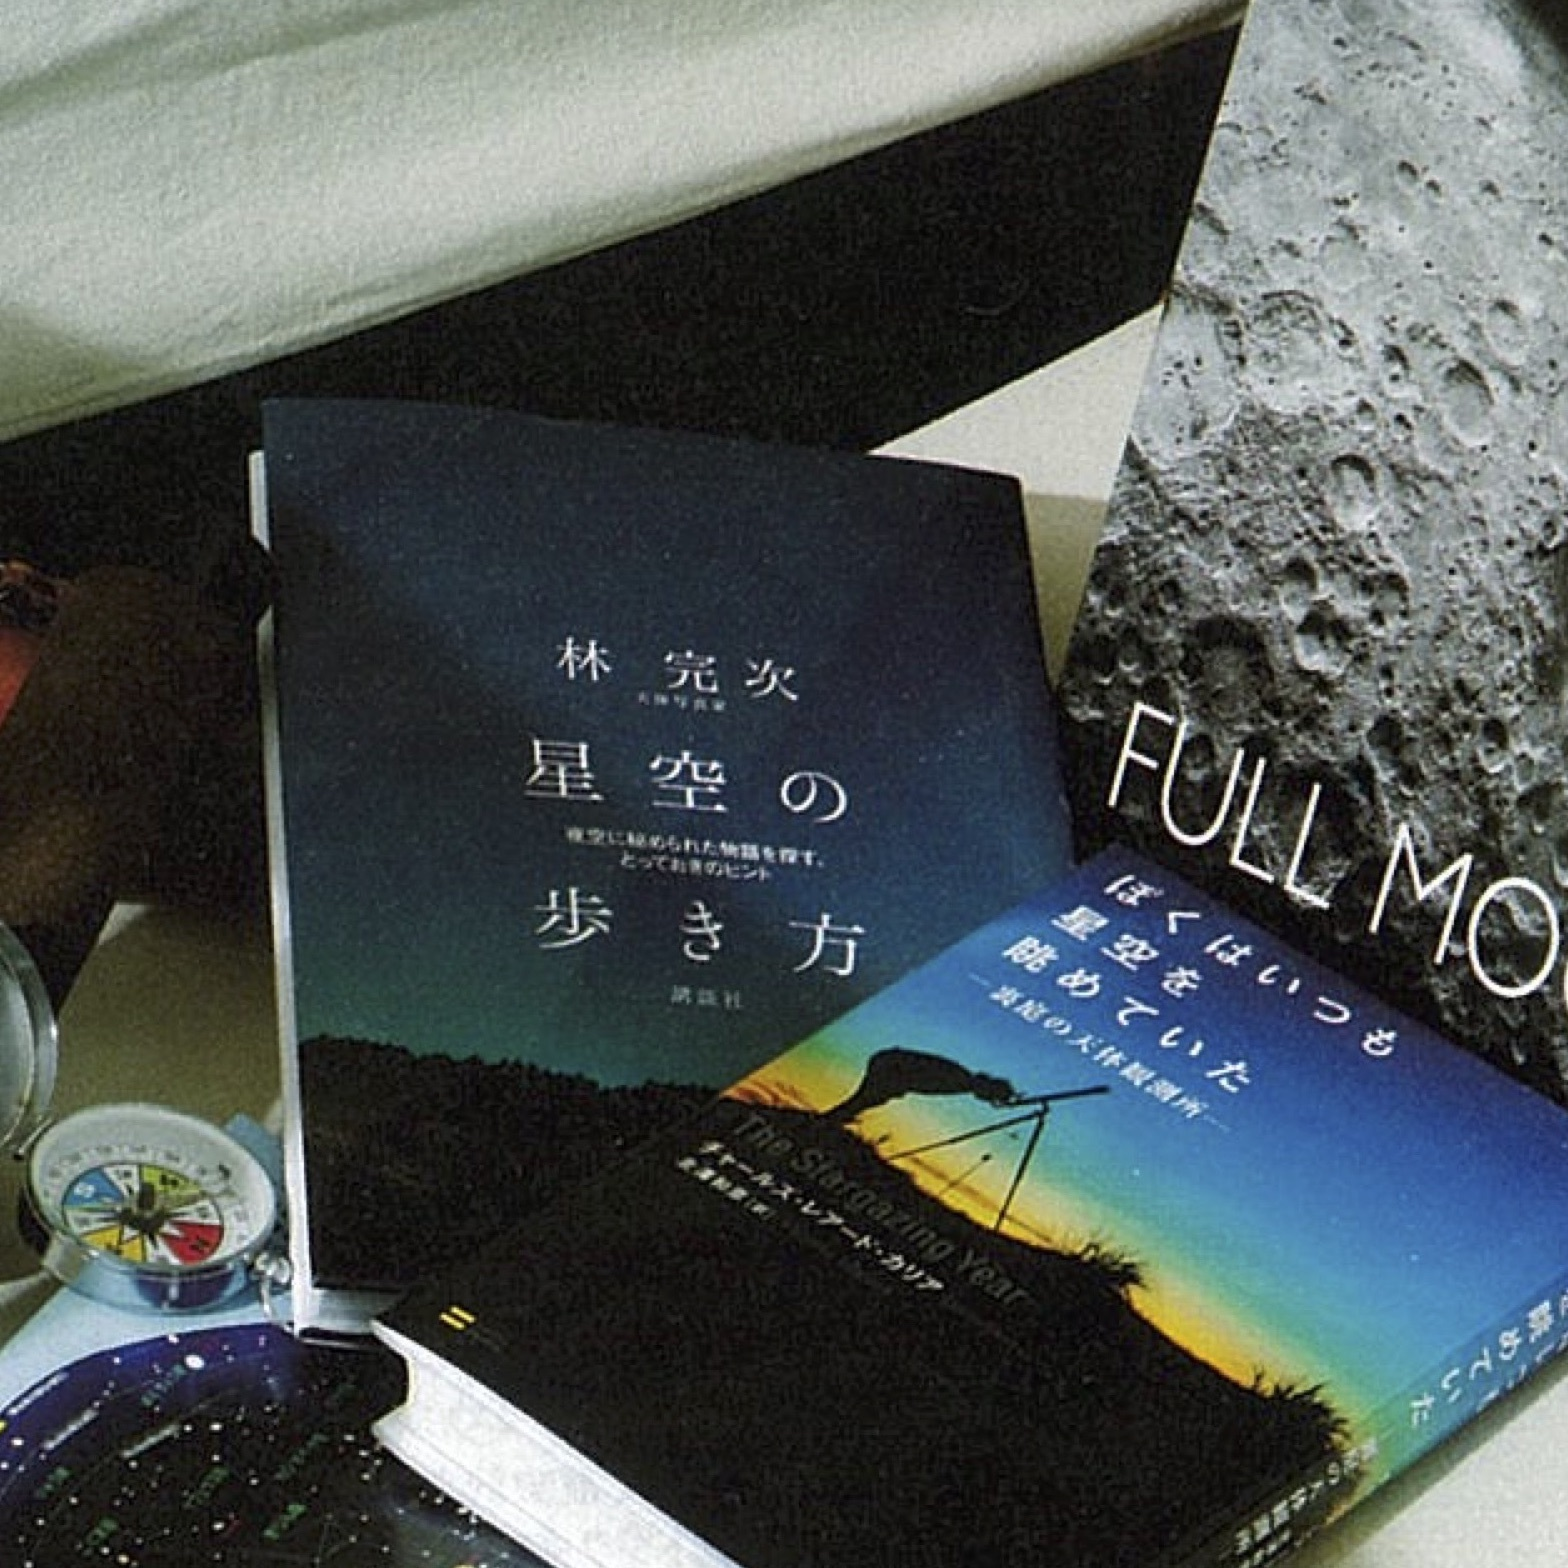 NASAの秘蔵写真、自宅に天体観測所を作った男etc. 「宇宙」を巡る3つの話。<br />